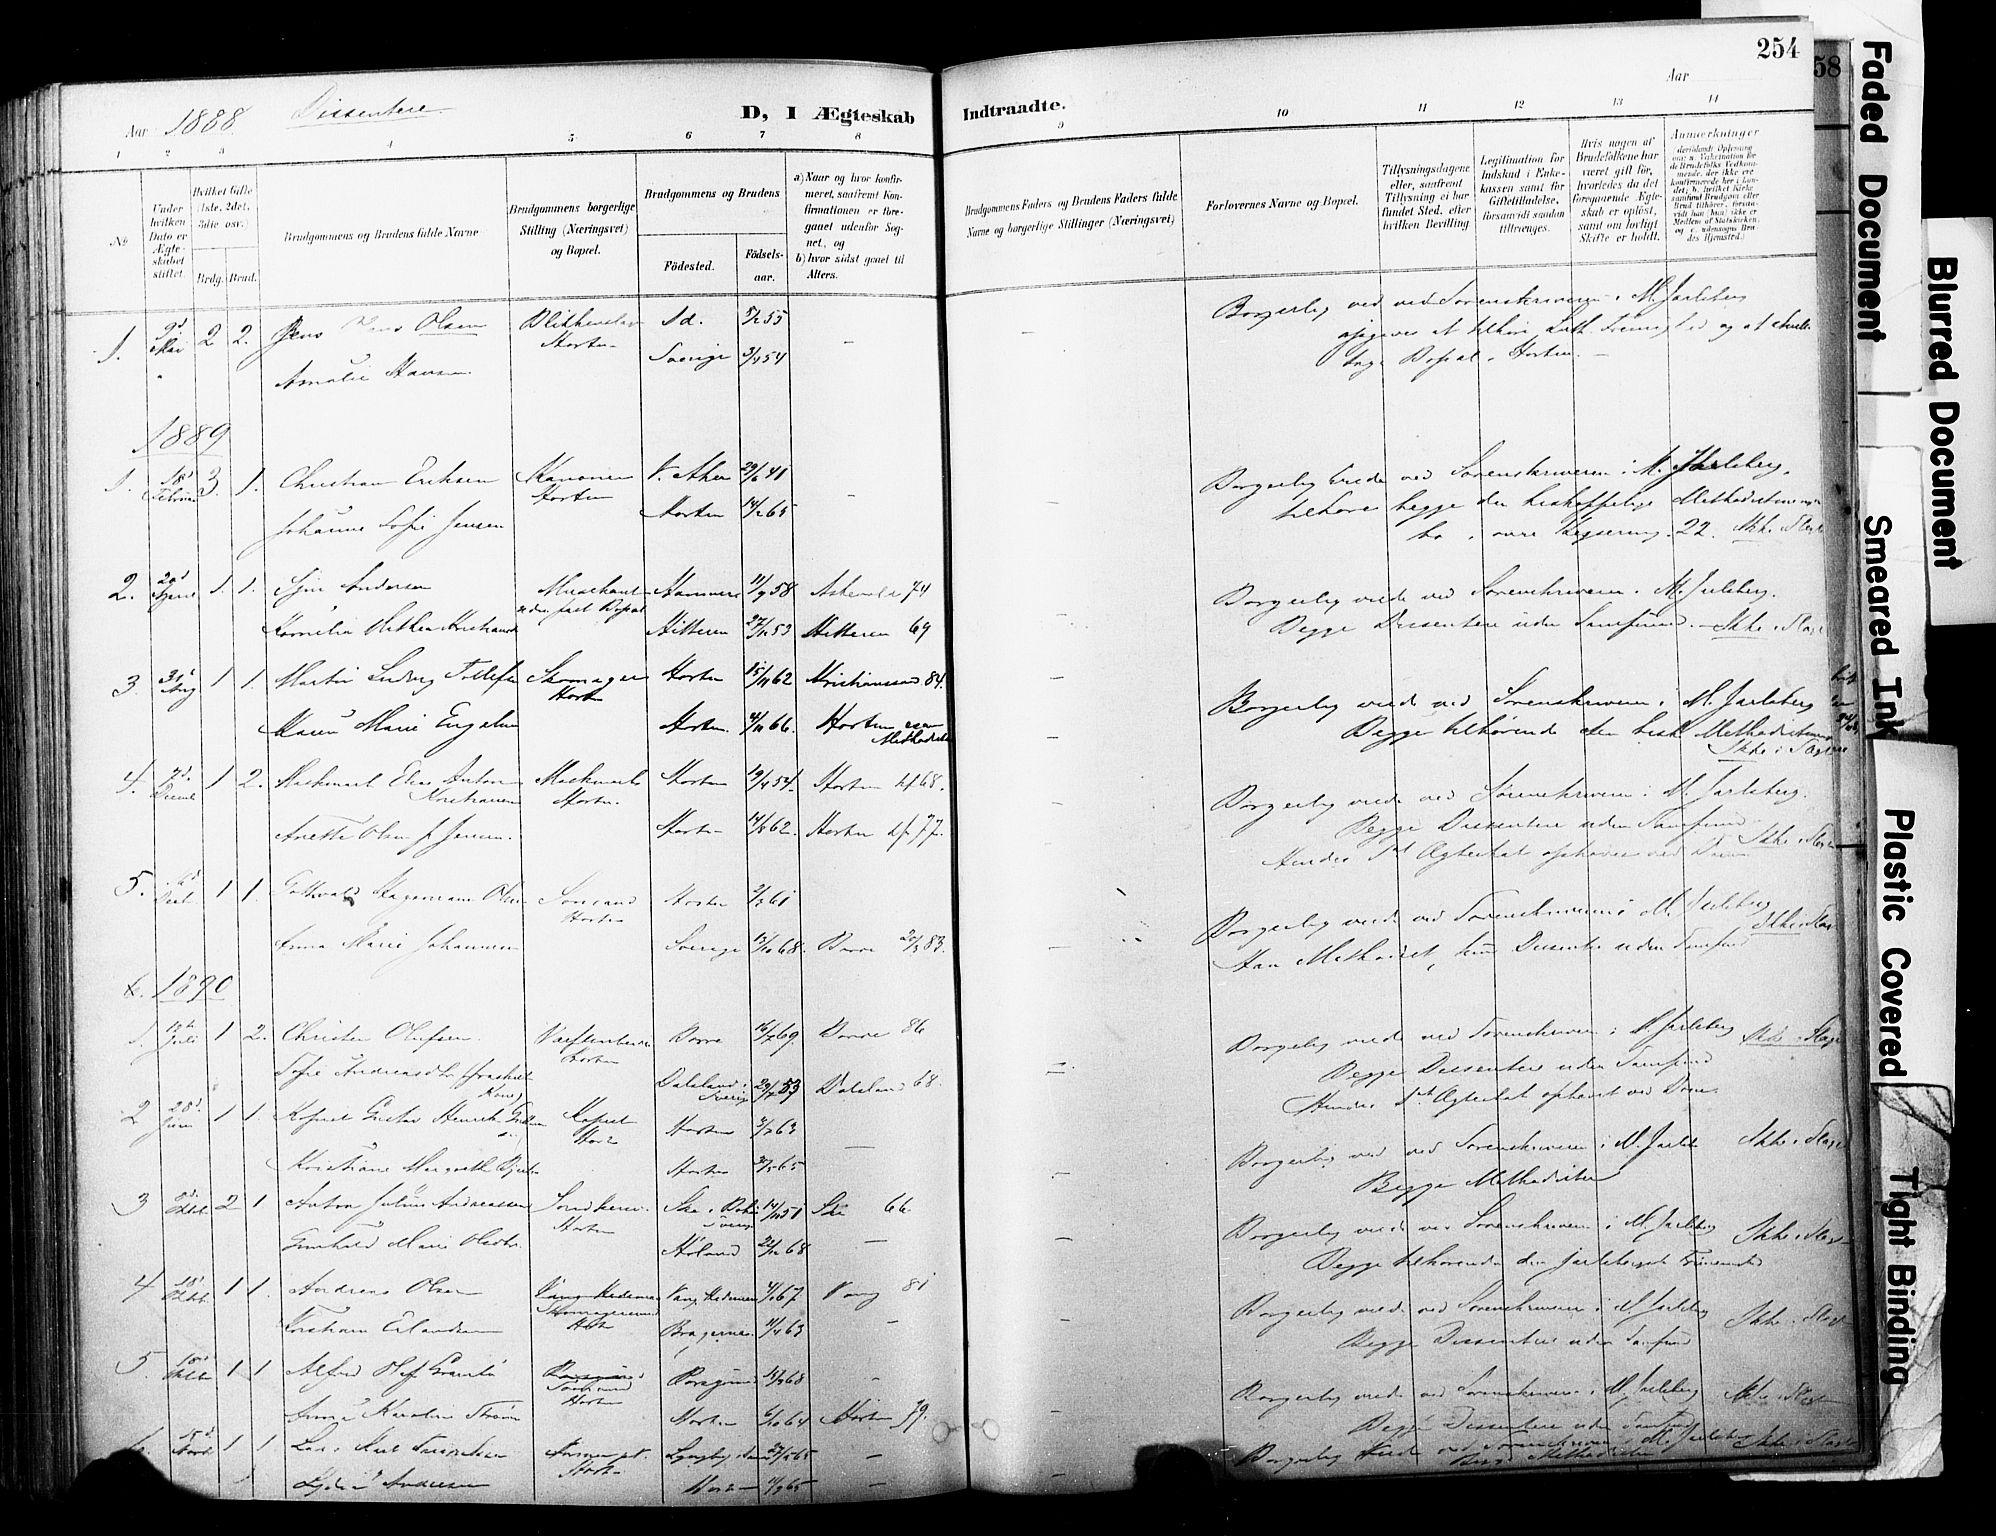 SAKO, Horten kirkebøker, F/Fa/L0004: Ministerialbok nr. 4, 1888-1895, s. 254